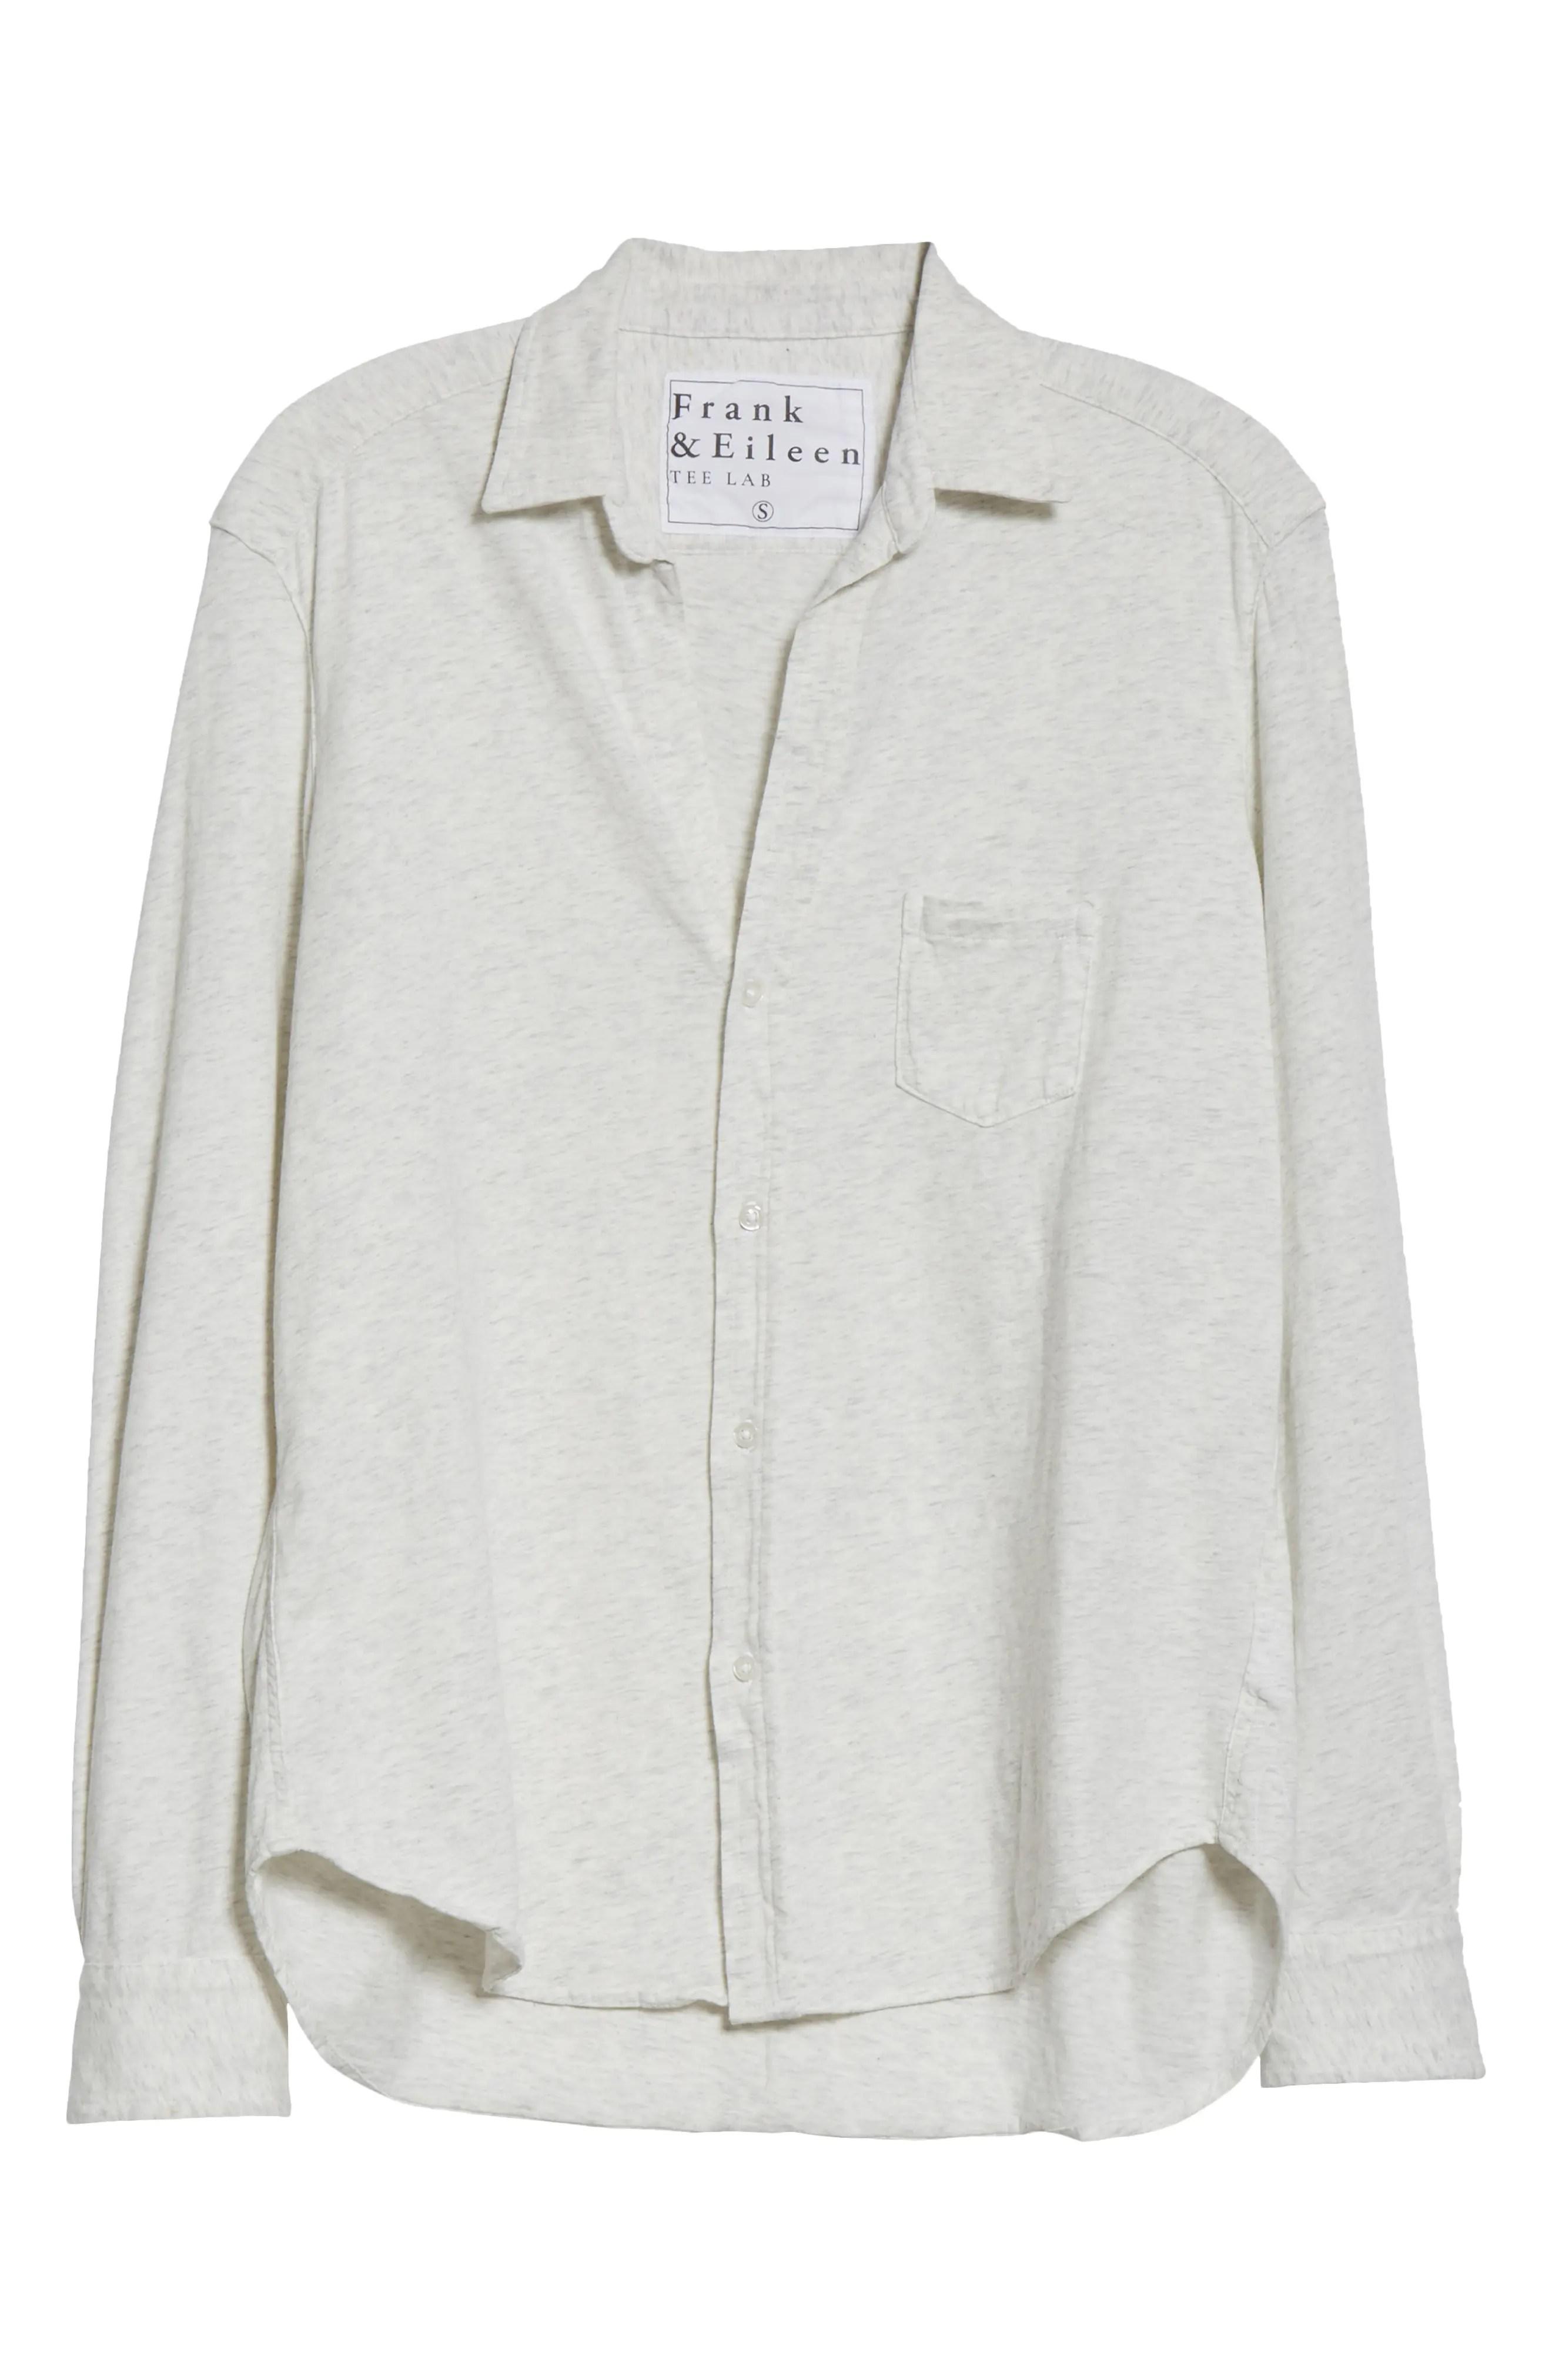 frank eileen button down shirt nordstrom rack